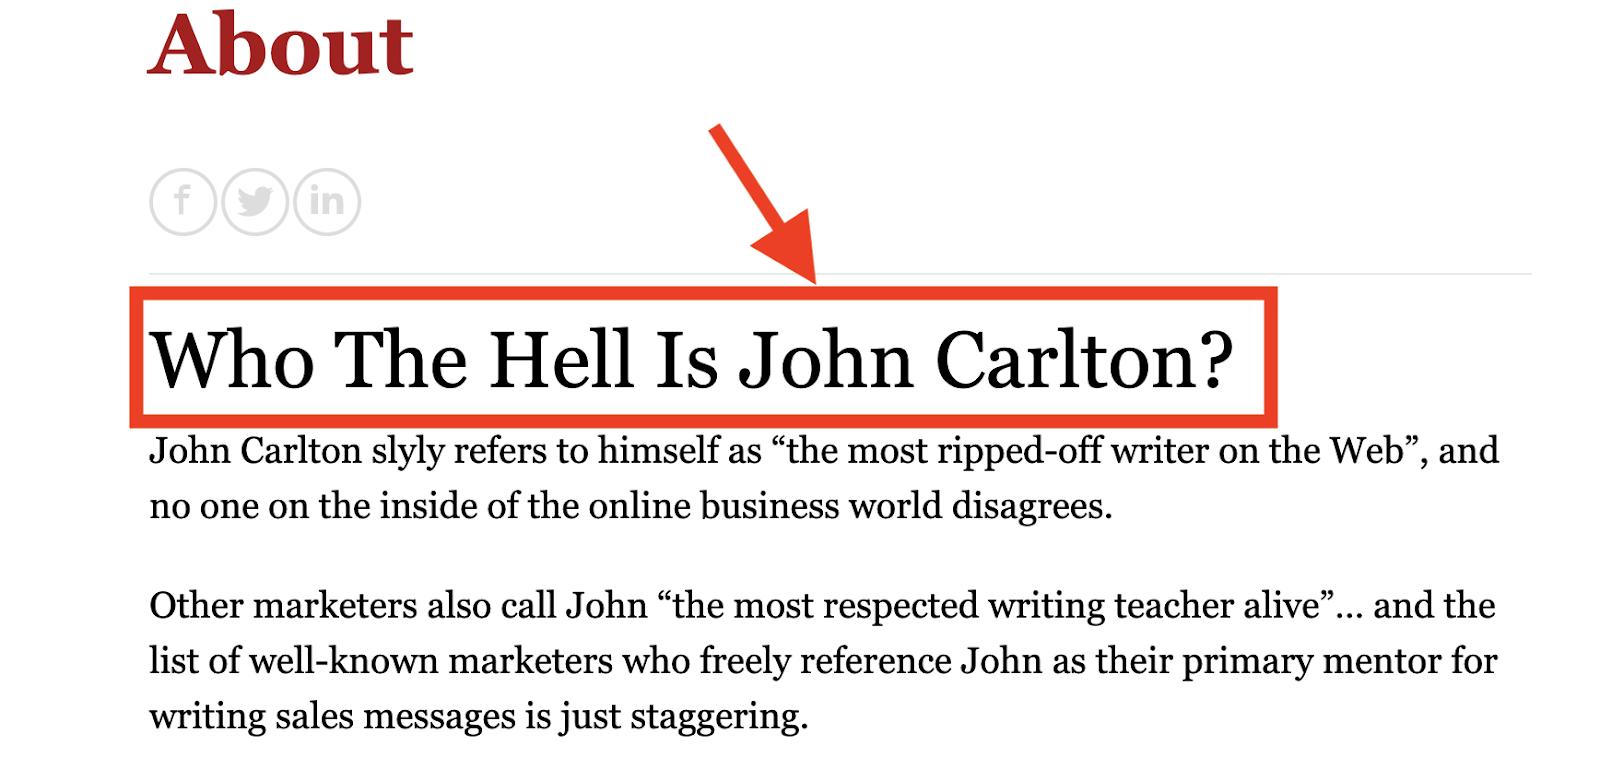 John Carlton's about page